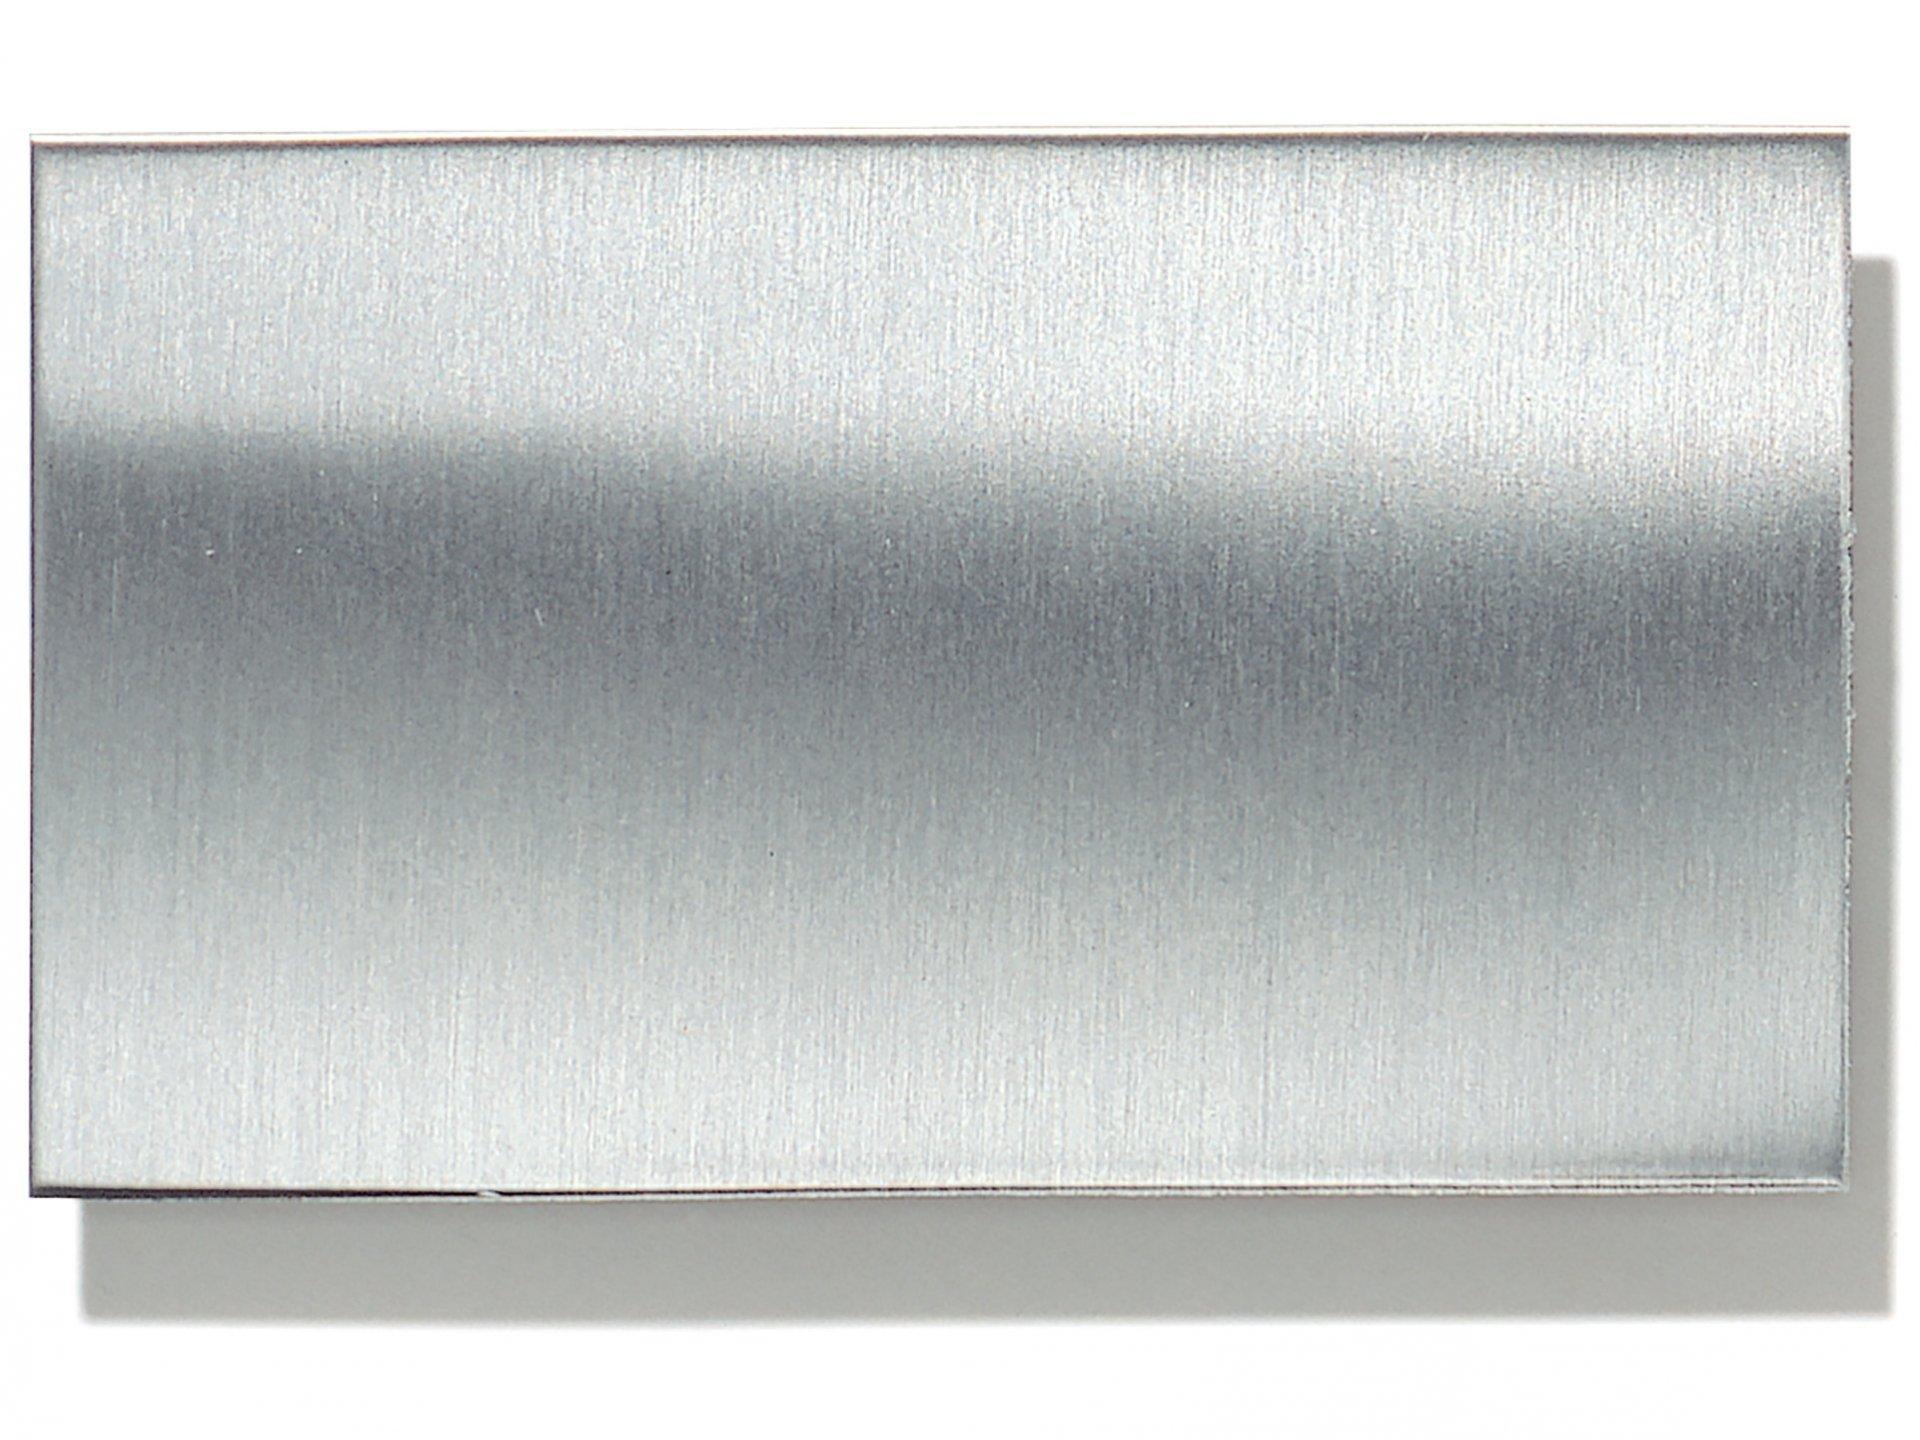 Comprar chapa fina de acero inoxidable pulida online - Chapas de acero inoxidable ...